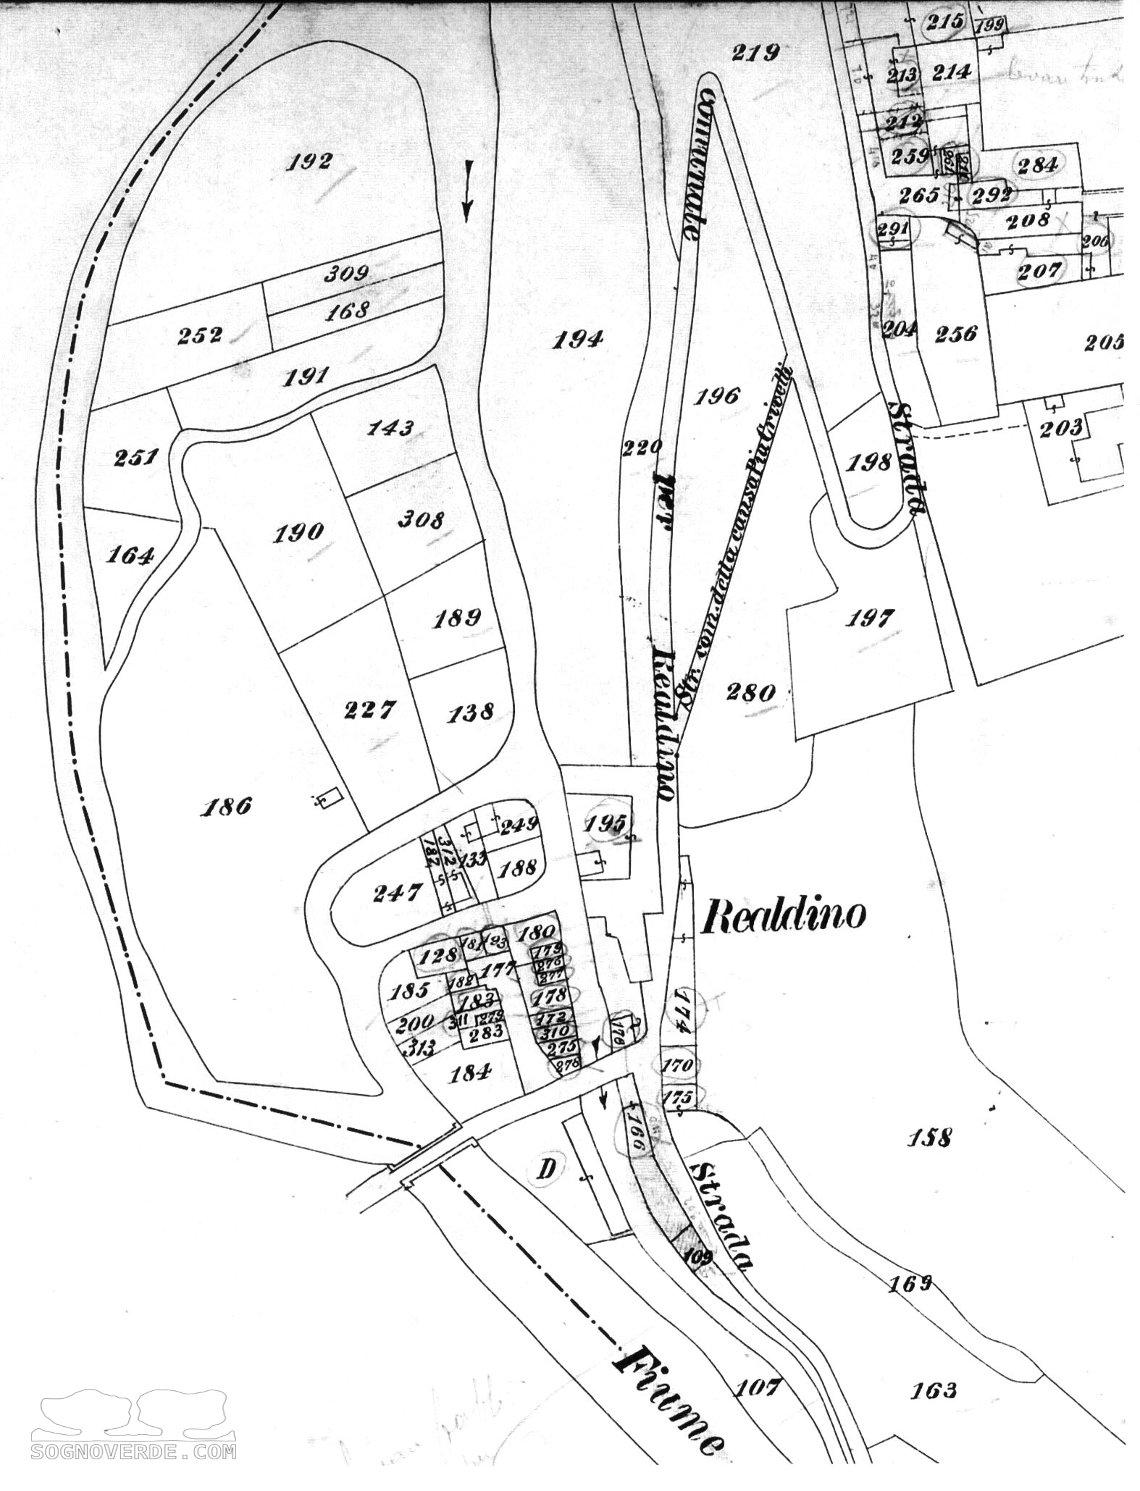 Mappa di Realdino 1897-1902